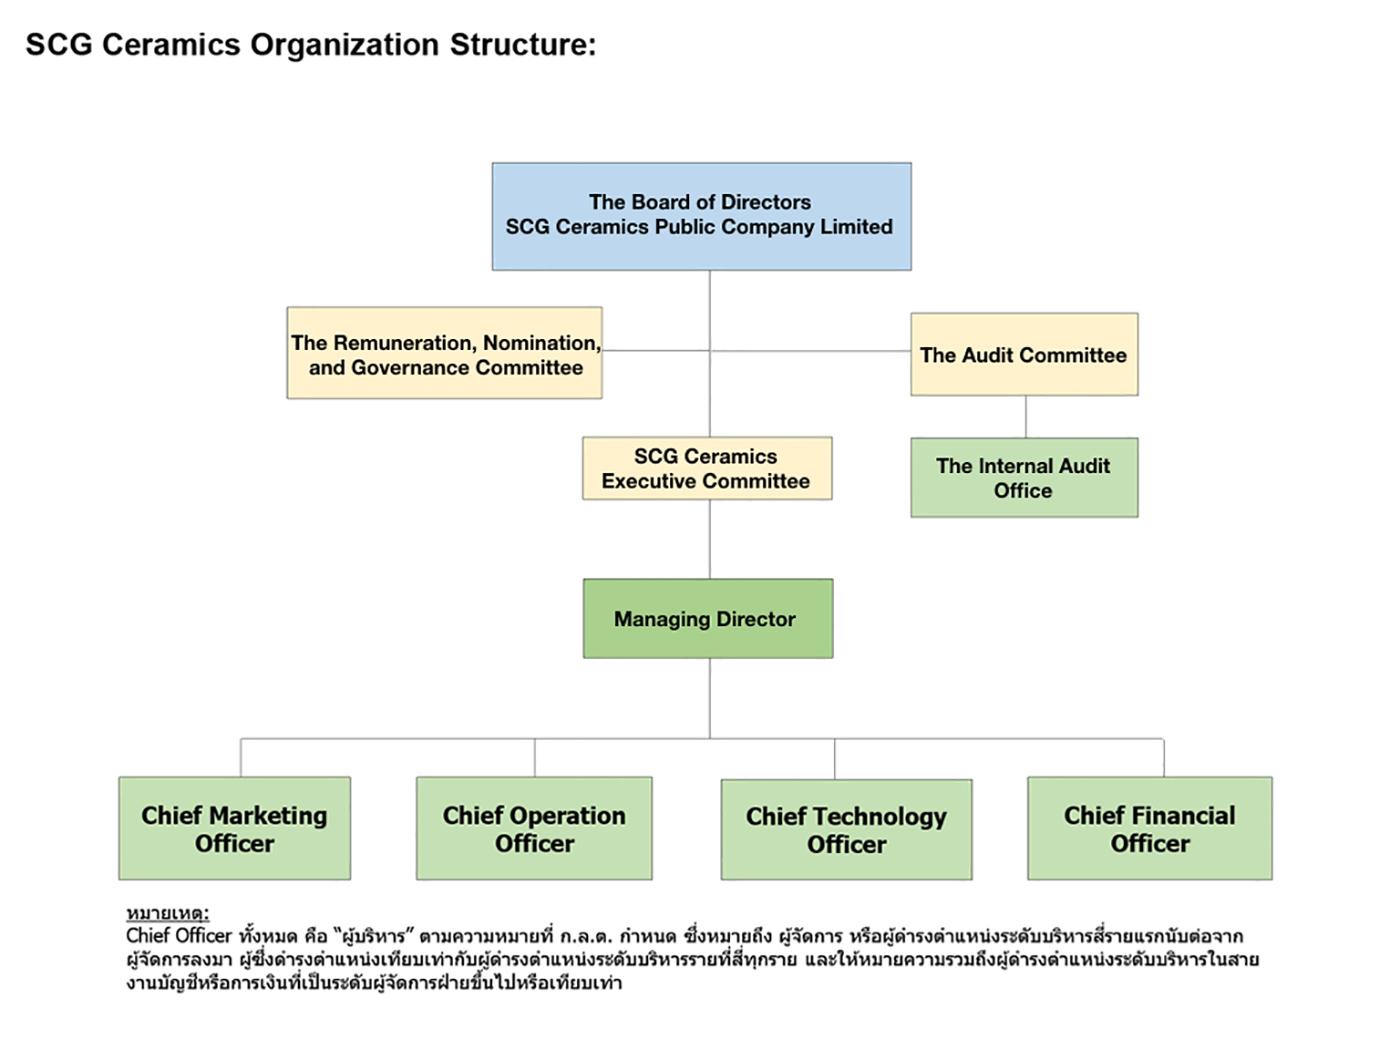 MANAGEMENT STRUCTURE – SCG CERAMICS